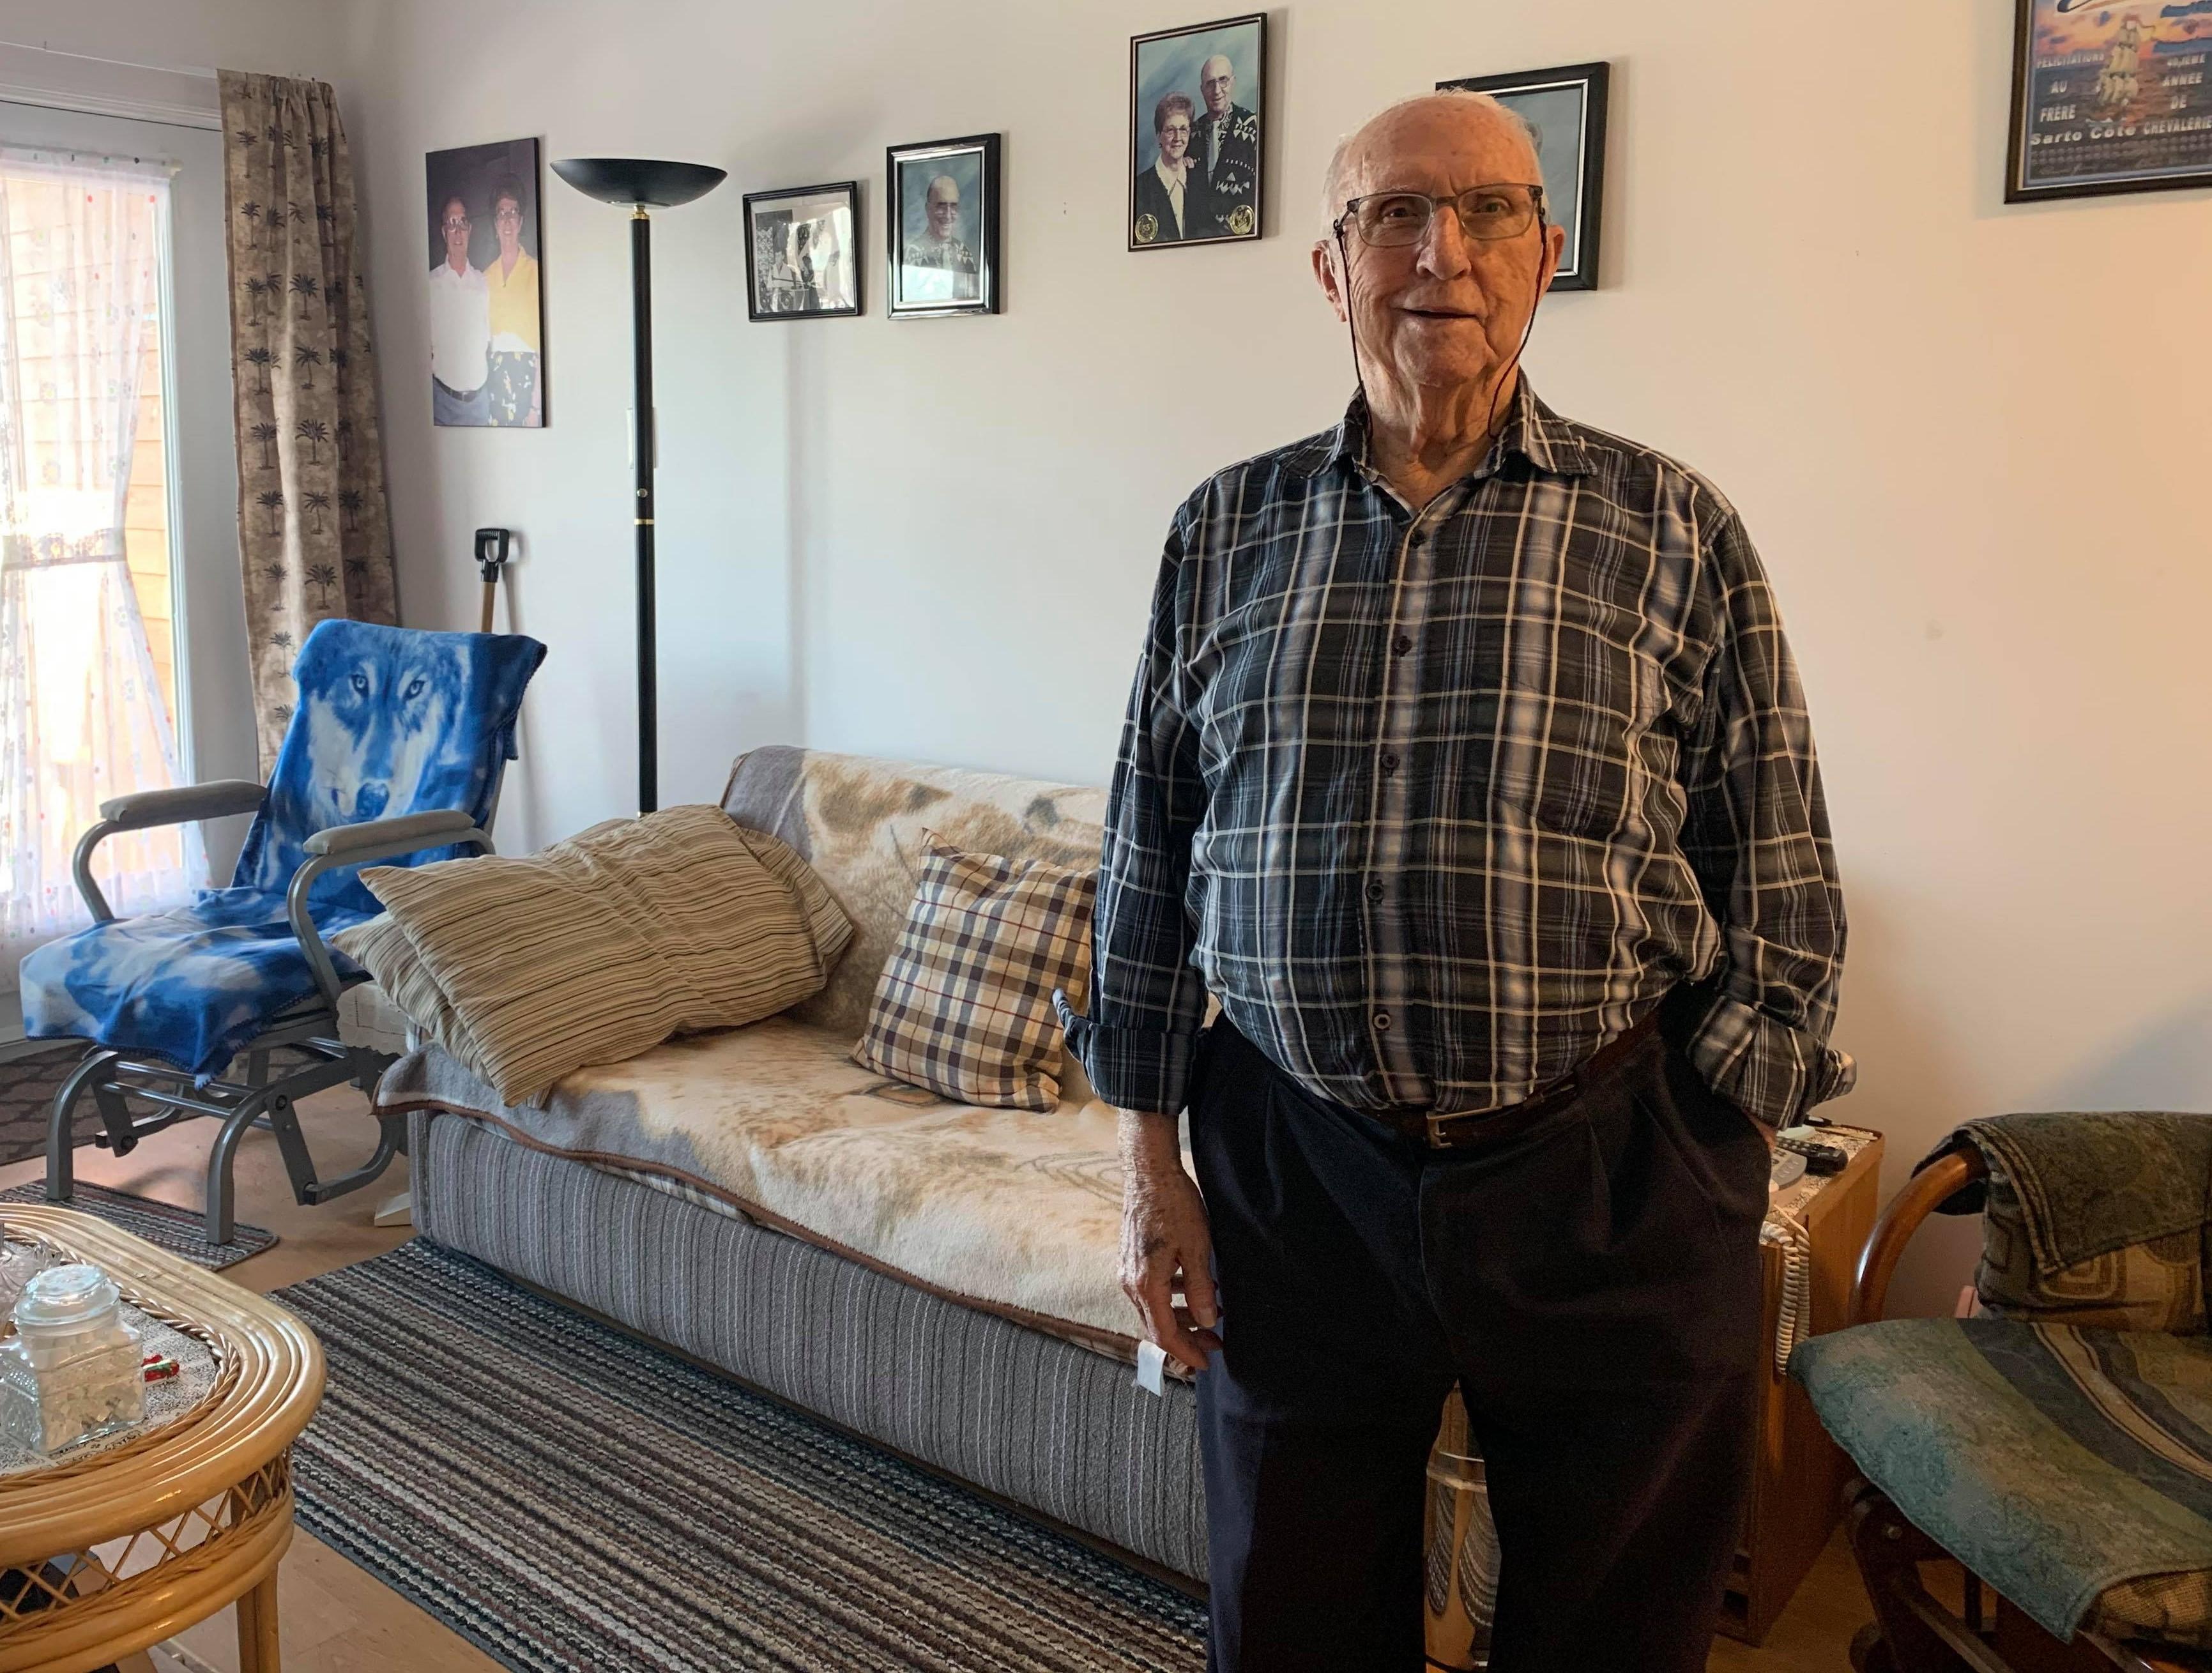 Malgré qu'il ait près de 95 ans, Sarto Côté, de Rimouski, s'organise seul pendant le confinement.